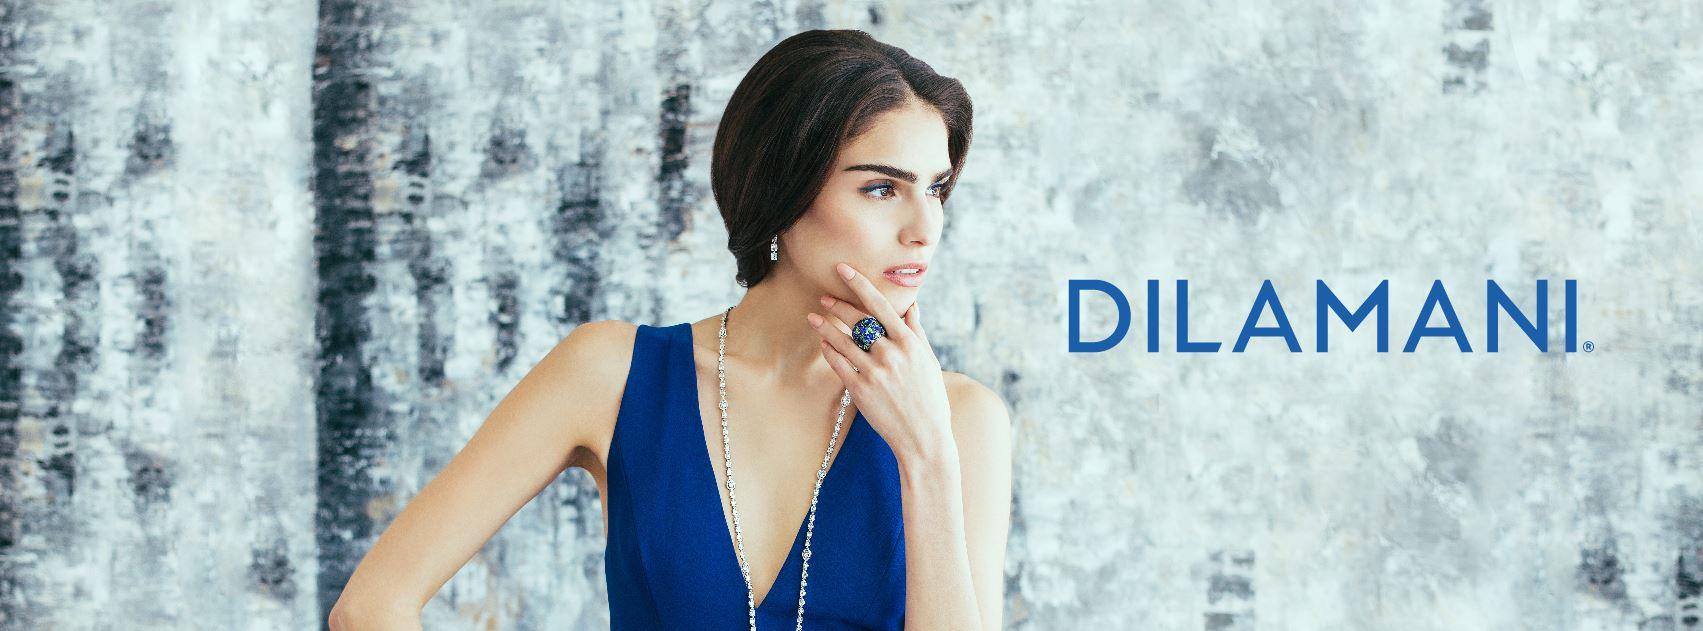 dilamani jewelry johannes hunter jewelers colorado springs